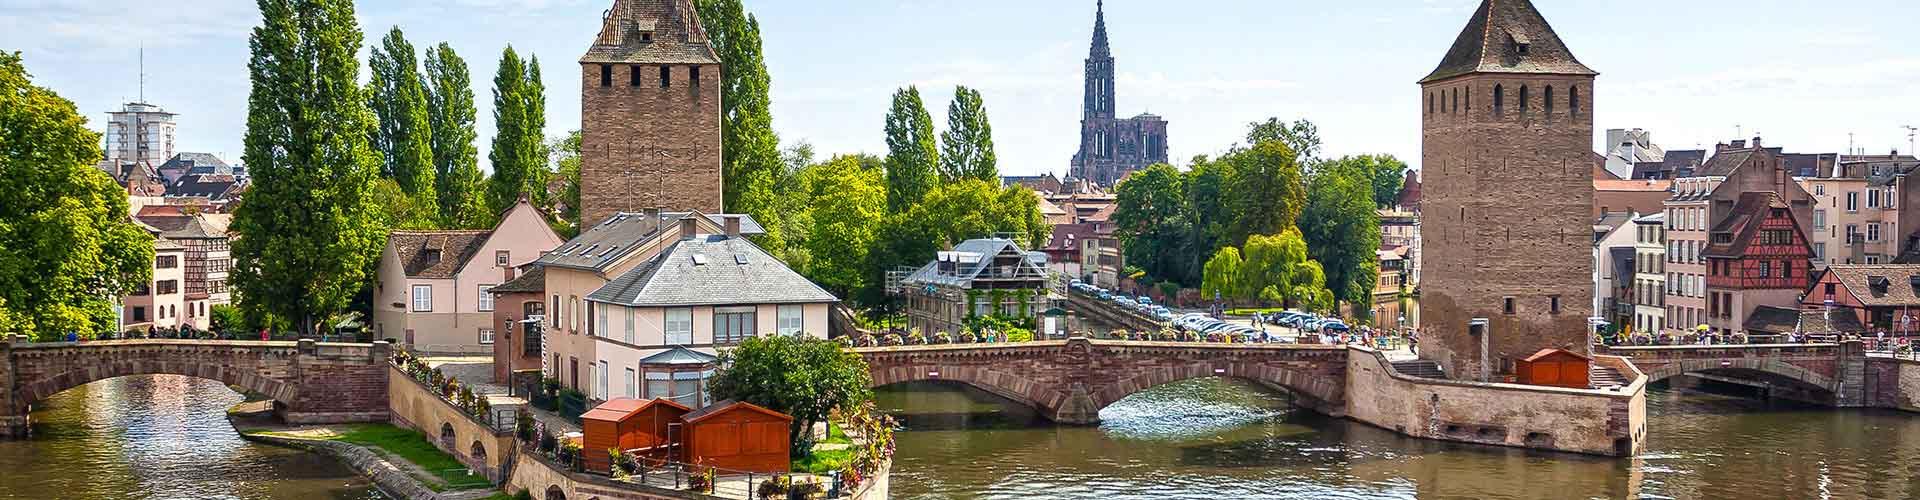 Estrasburgo - Hoteles baratos en el distrito Orangerie. Mapas de Estrasburgo, Fotos y comentarios de cada Hotel barato en Estrasburgo.